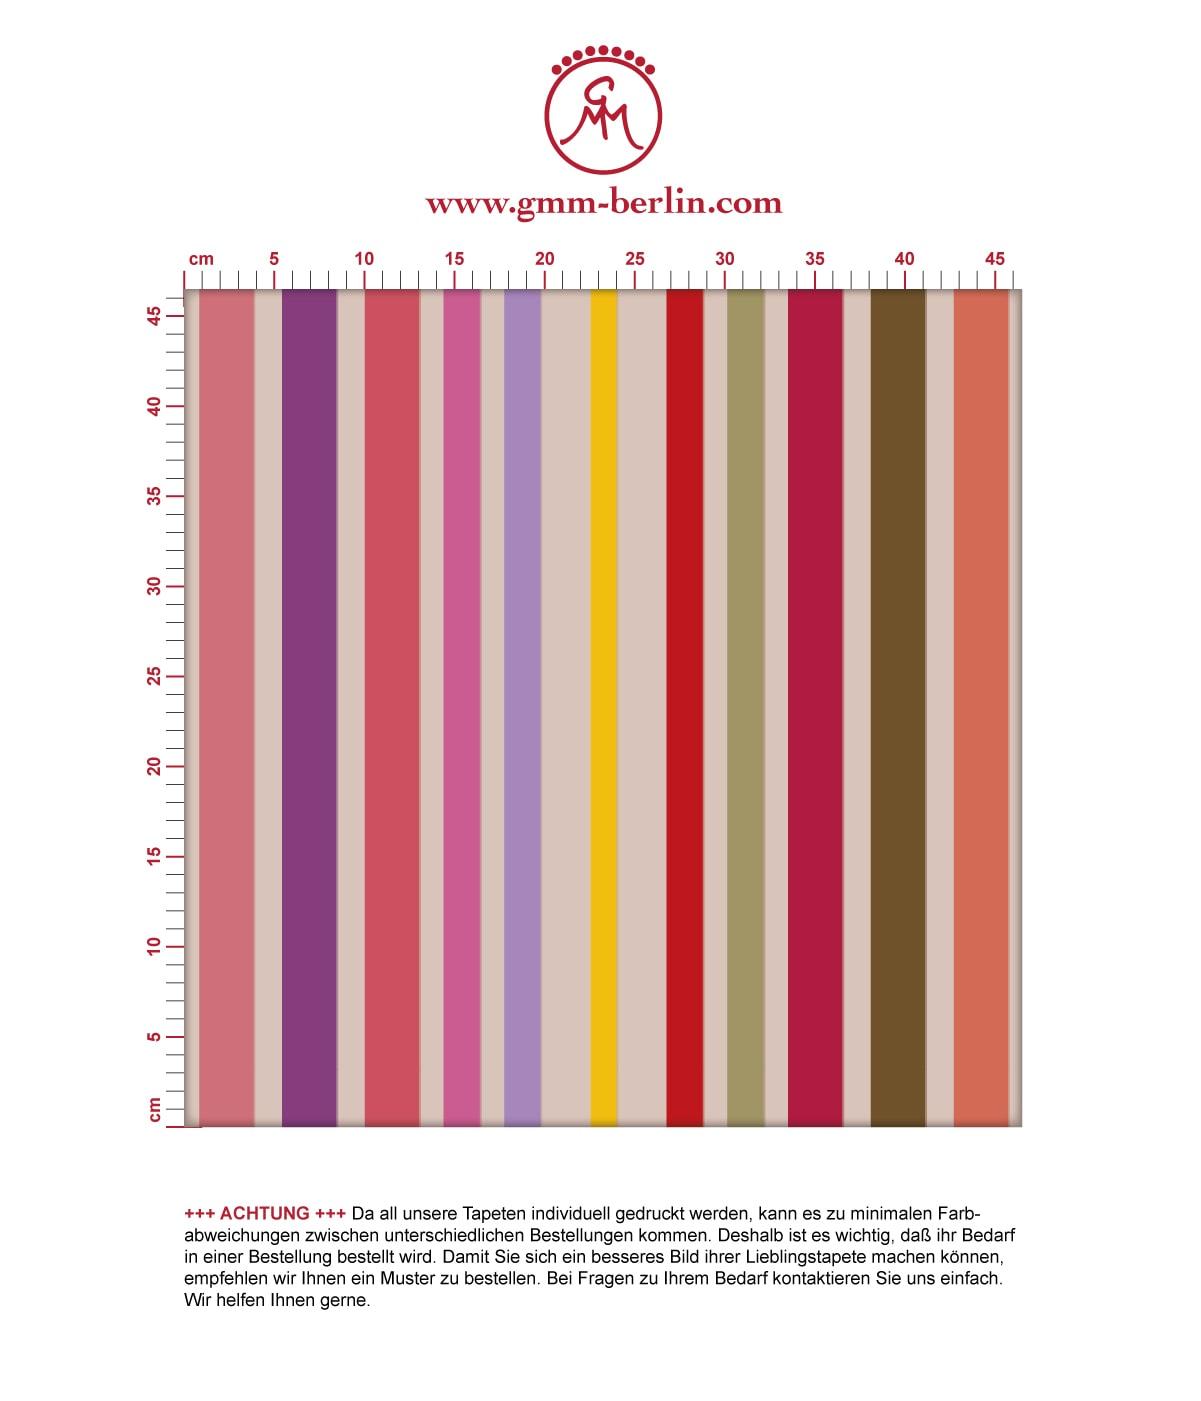 Aus dem GMM-BERLIN.com Sortiment: Schöne Tapeten in der Farbe: rot. Schöne Wandgestaltung: dekorativer Sreifen Design Classic Tapete in #design #modern #streifen #streifentapete #trend für individuelles Interiordesign